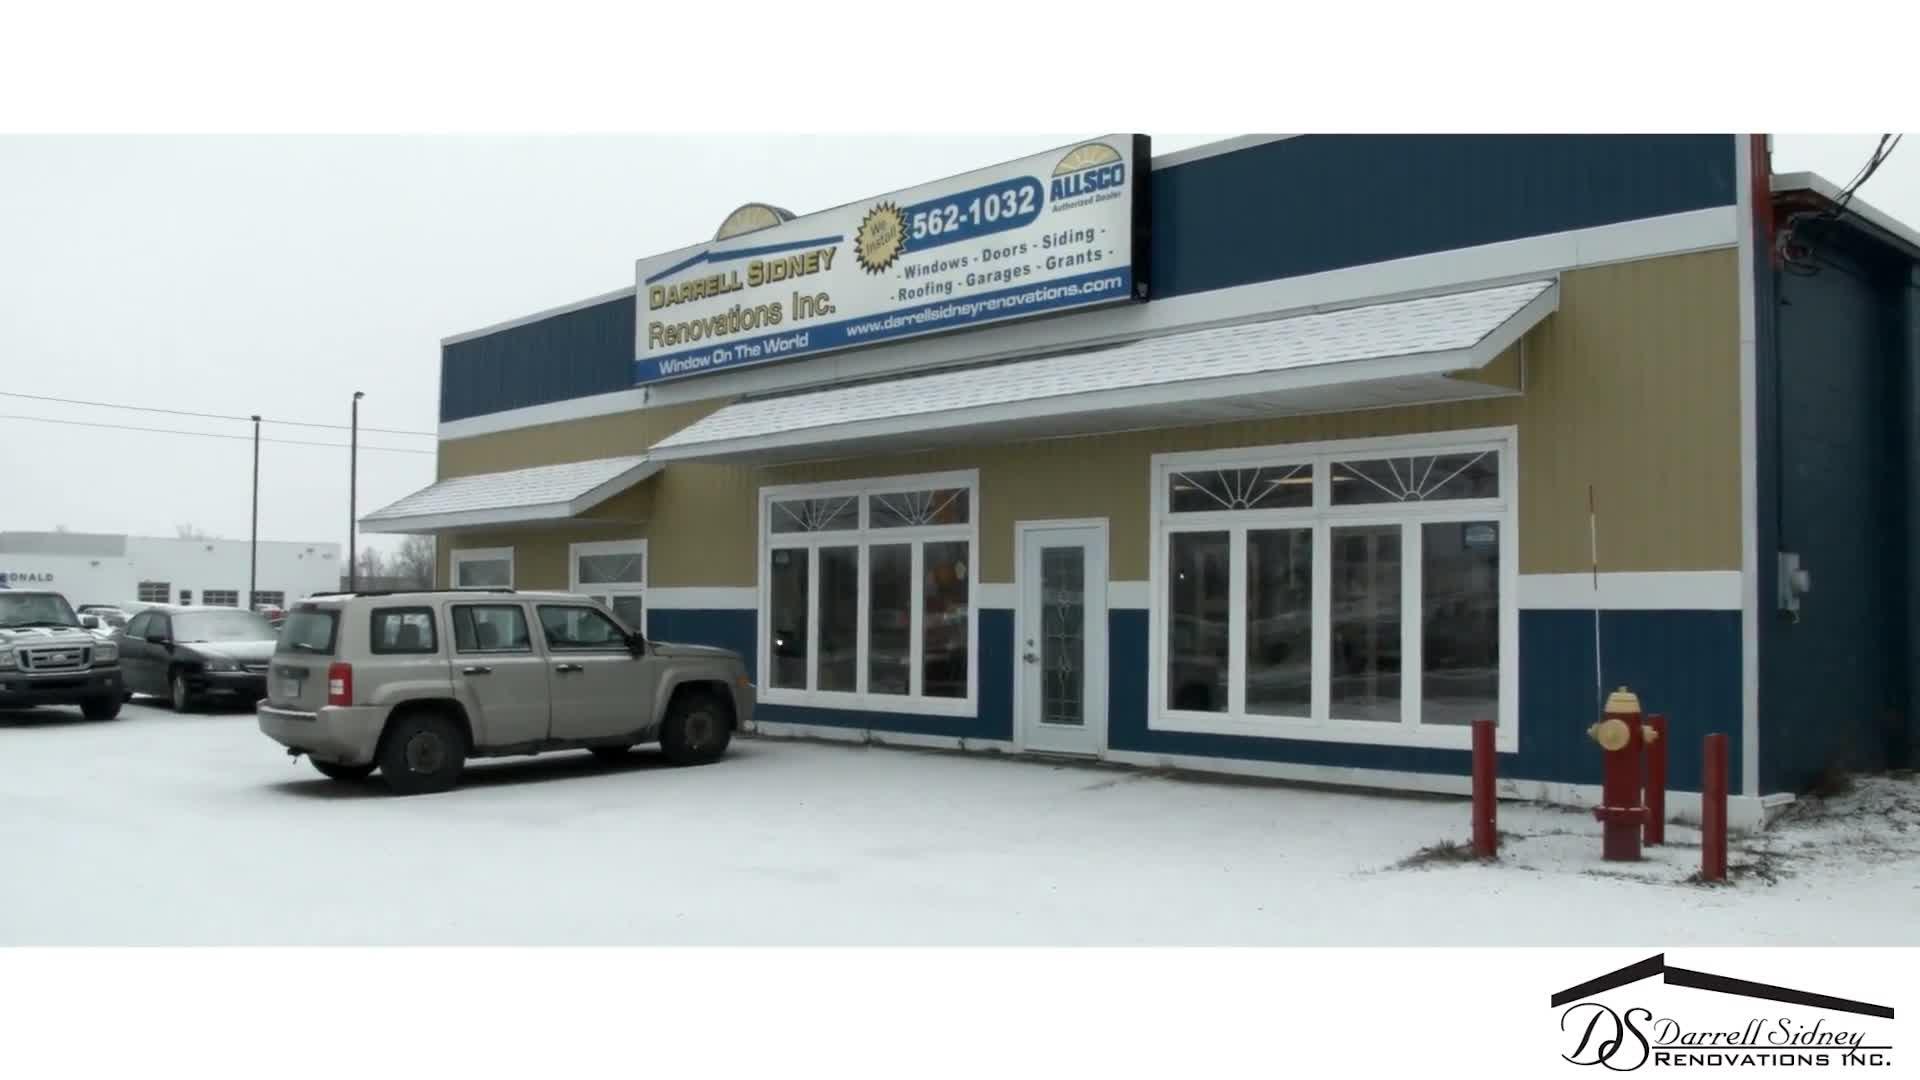 Darrell Sidney Renovations Inc - Home Improvements & Renovations - 902-562-1032